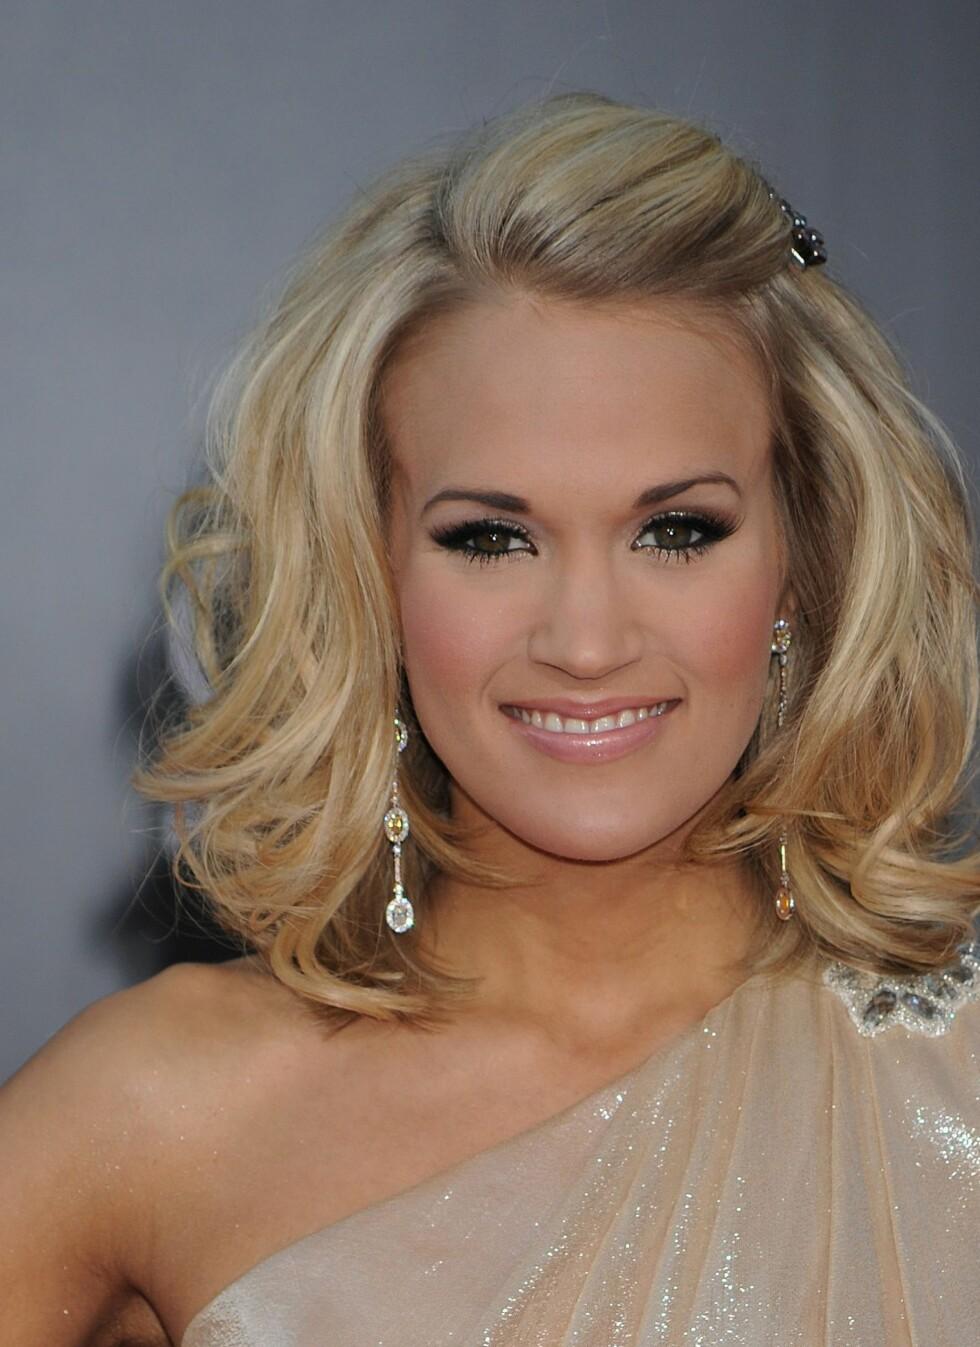 FALL OG VOLUM: Abergel har også råd når det kommer til Carrie Underwoods nydelige look; en mellomting mellom avslappet og stylet. - Påfør et volumprodukt ved hårrøttene før du føner det, er Abergels tips. Foto: All Over Press